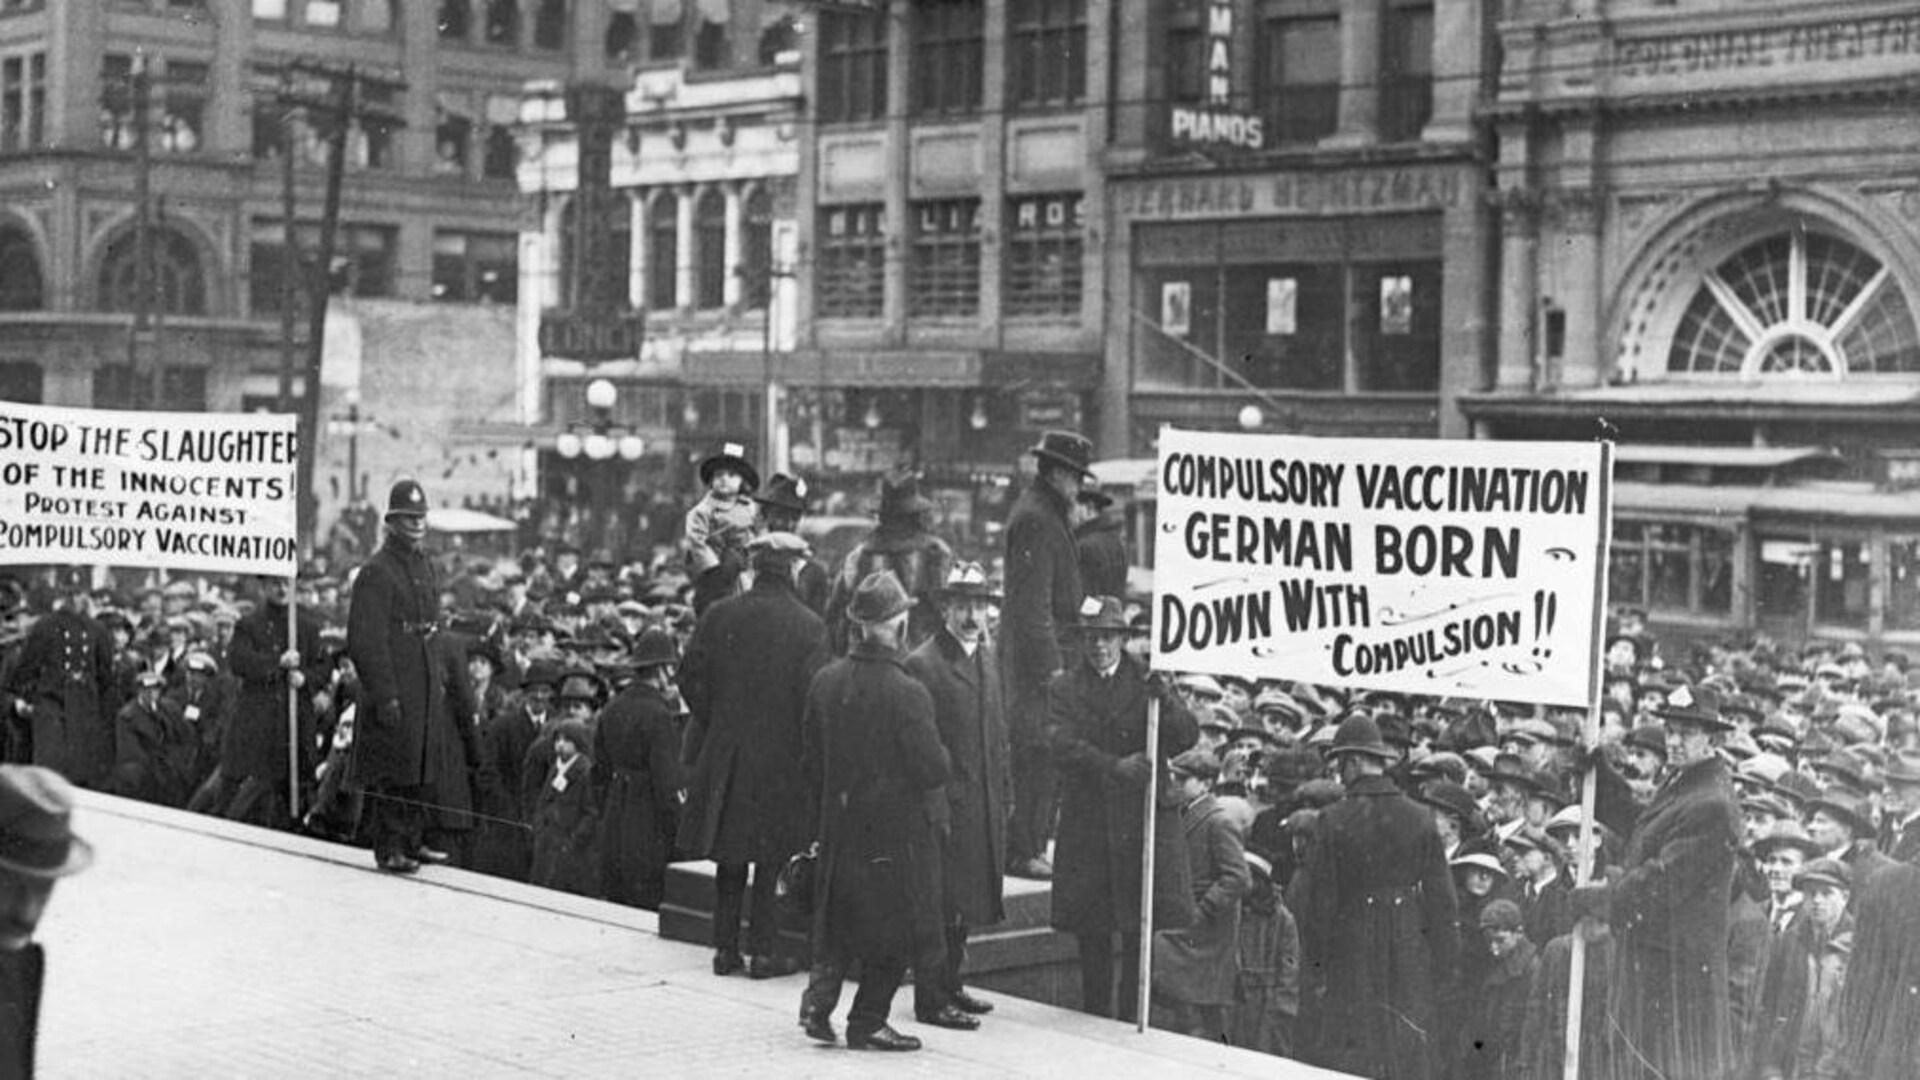 Une foule anti-vaccin brandit des pancartes et manifeste devant l'Hôtel de Ville de Toronto dans les années 1930.